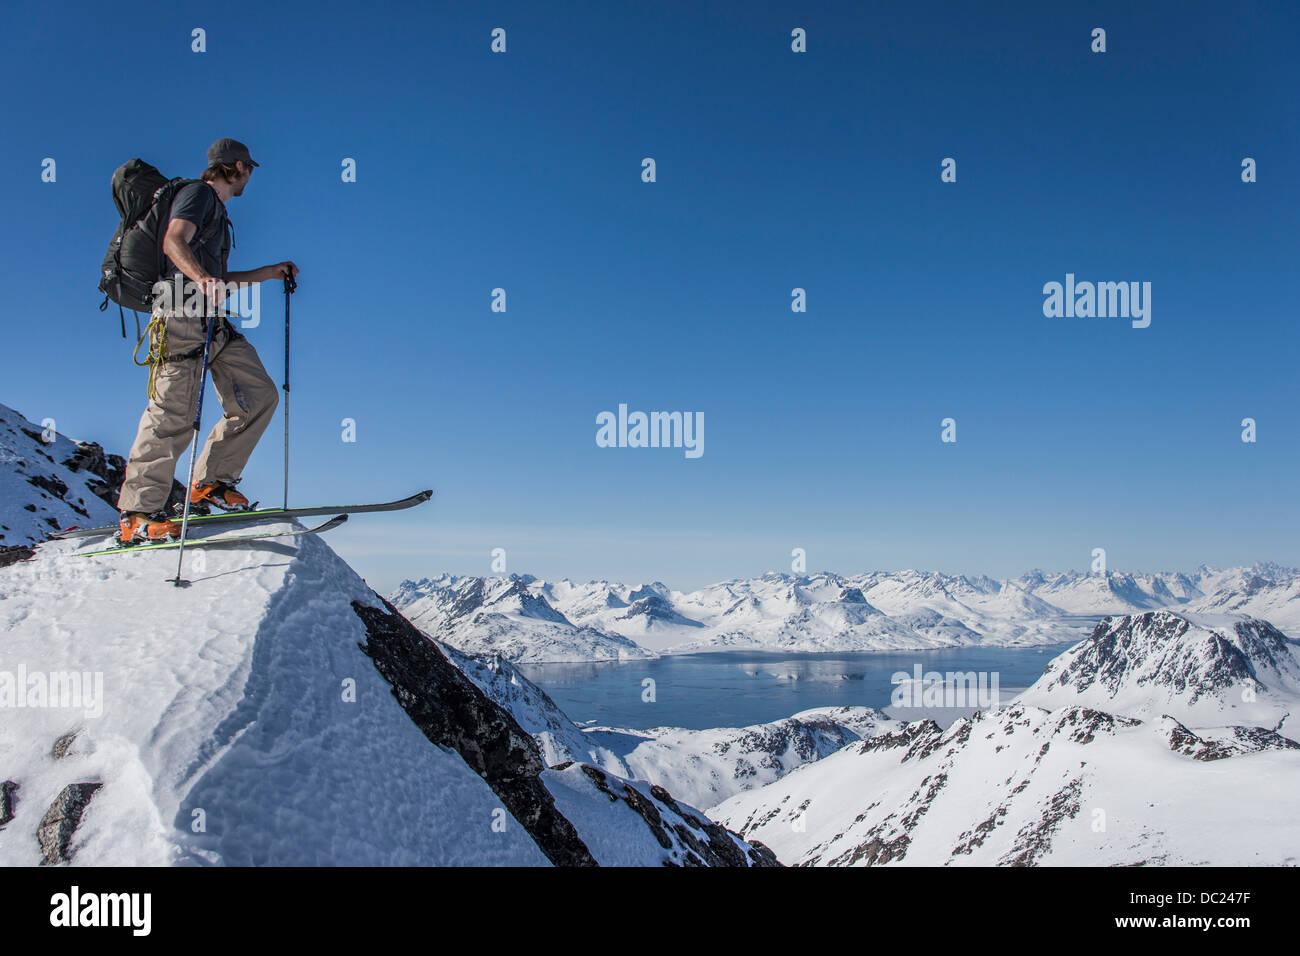 L'homme sur des skis en haut de la montagne dans l'Est du Groenland Photo Stock